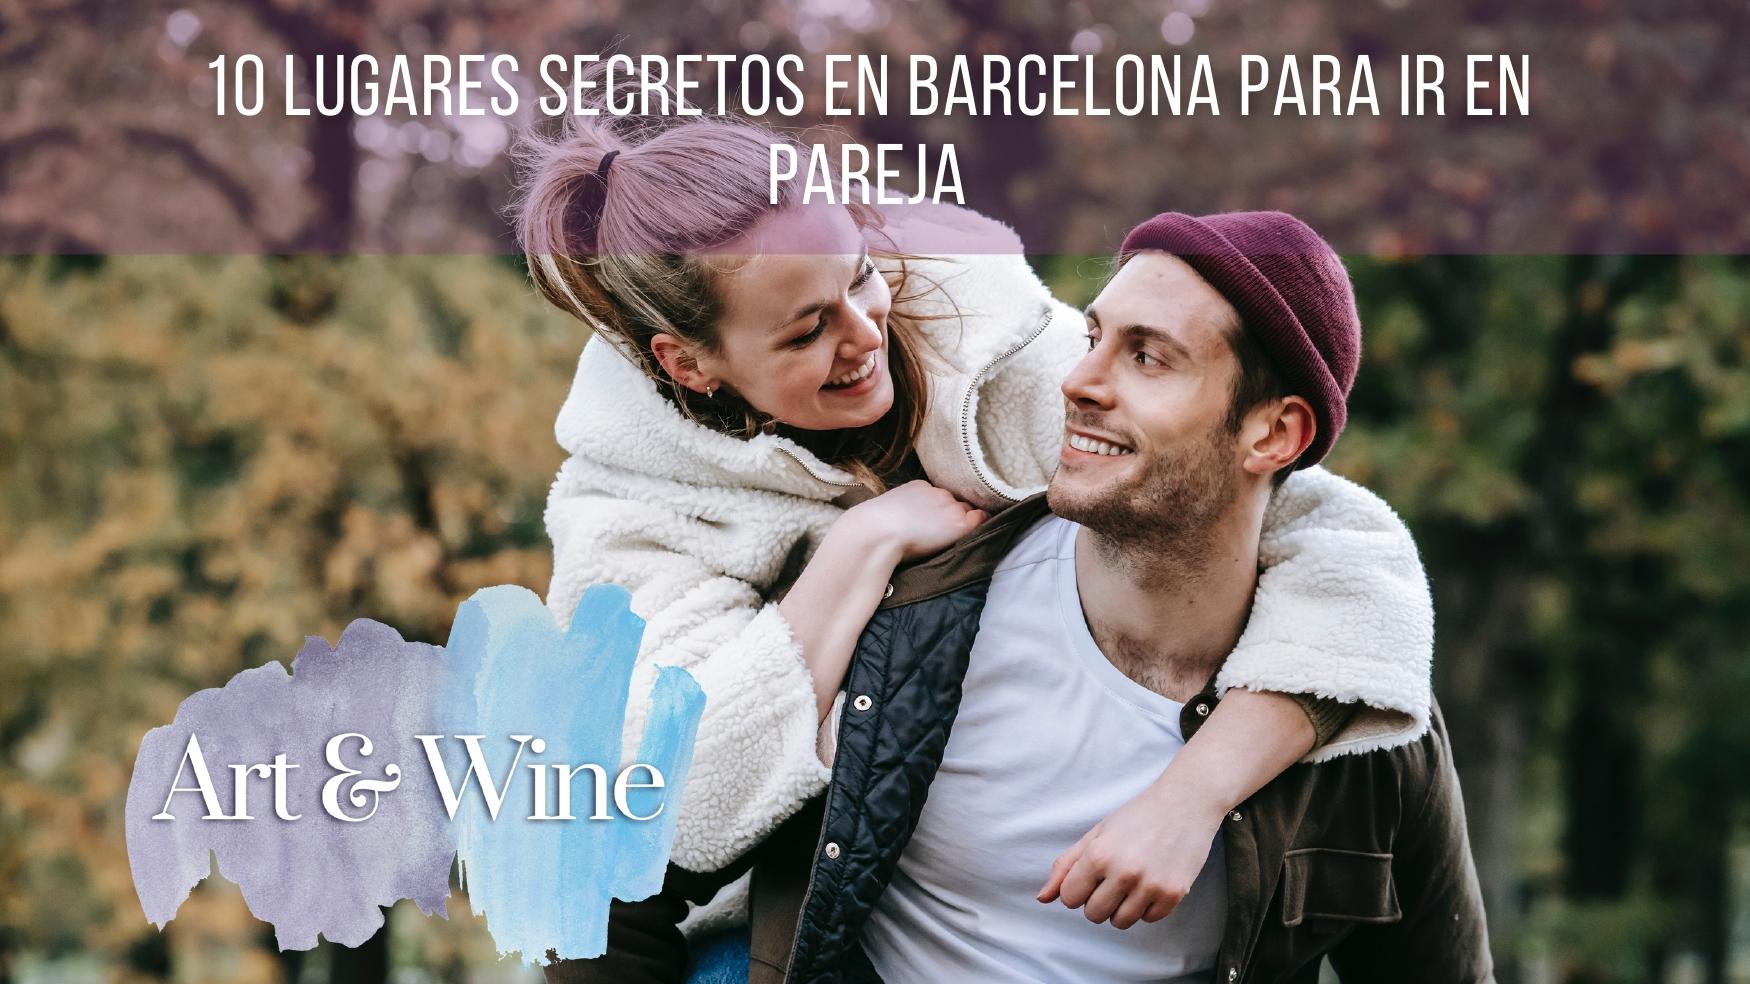 10 Lugares Secretos en Barcelona para ir en Pareja